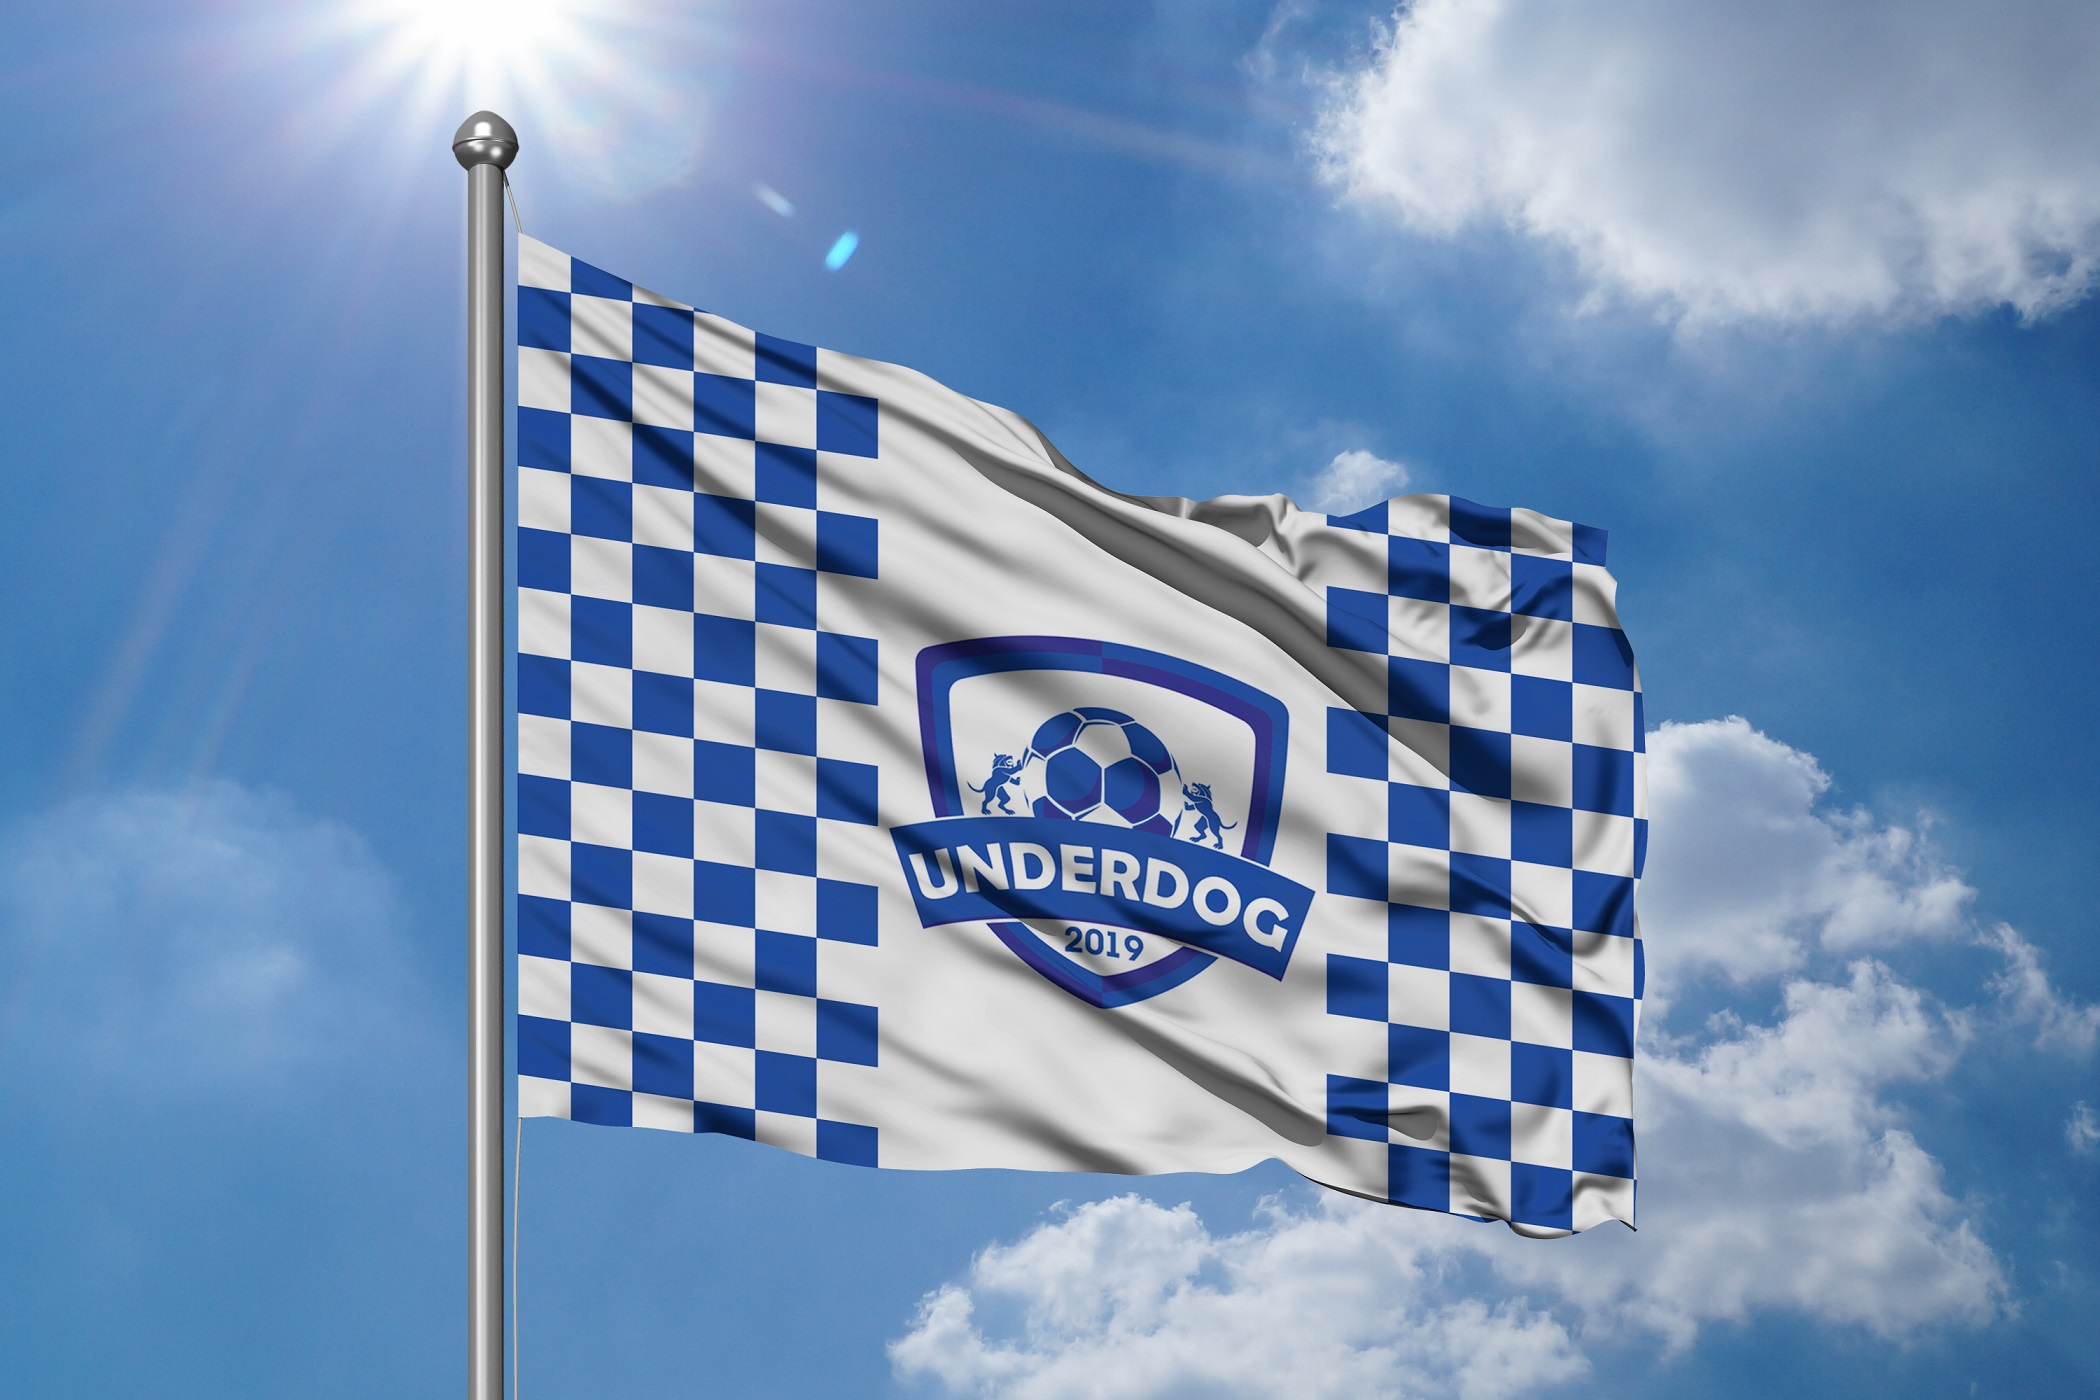 Футбольный клуб UNDERDOG - разработать фирстиль и бренд-бук фото f_4895cb220c51a8d0.jpg